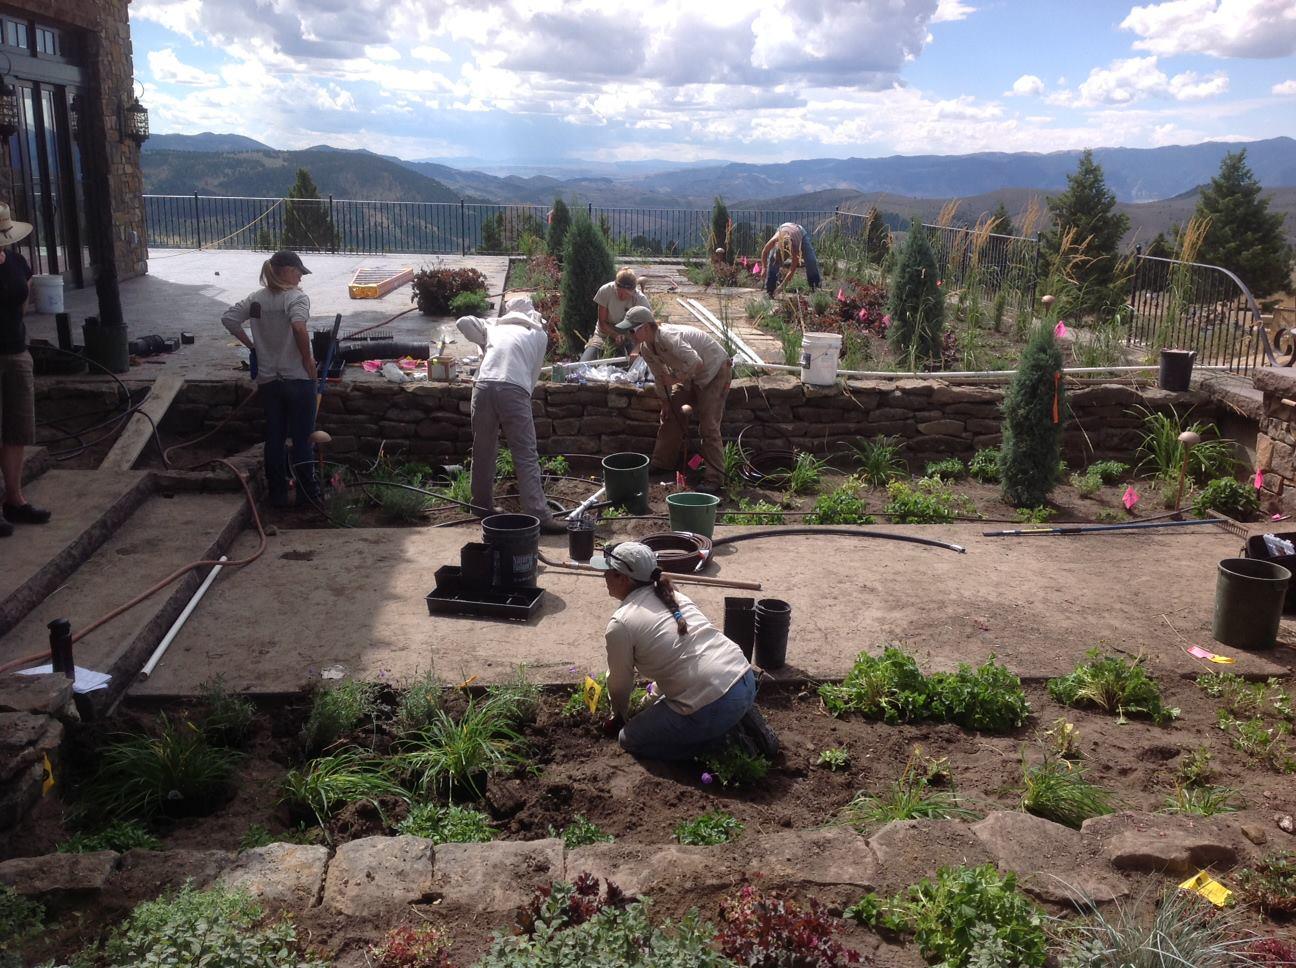 Blanchford Landscape Group Garden Services team in Bozeman, MT